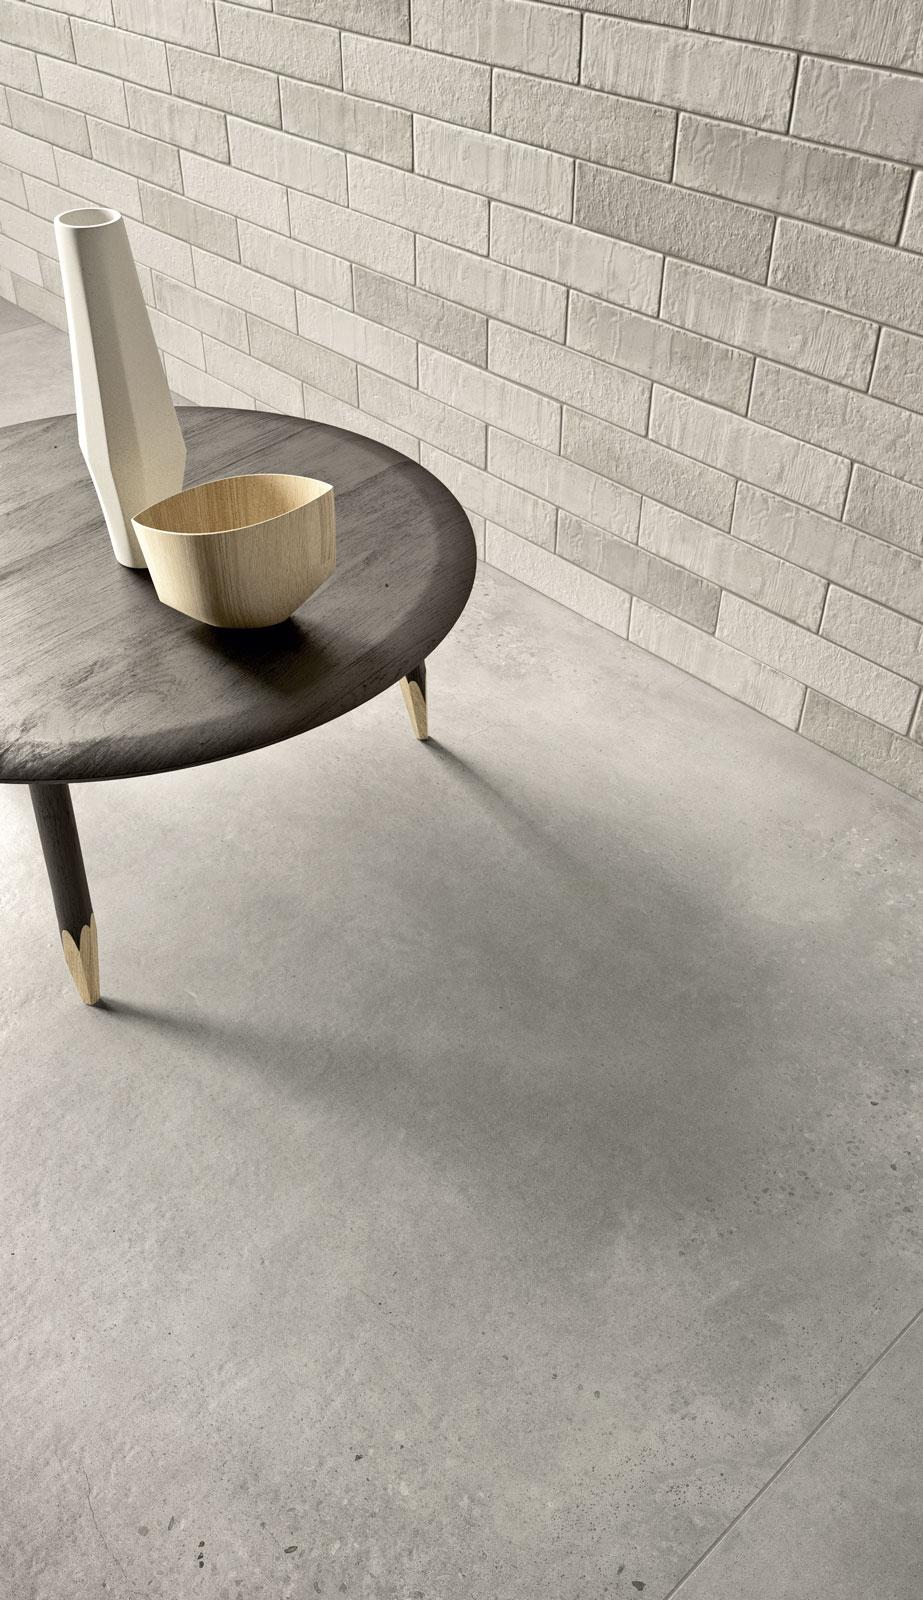 Gres porcel nico efecto cotto y cemento marazzi - Gres porcelanico limpieza ...